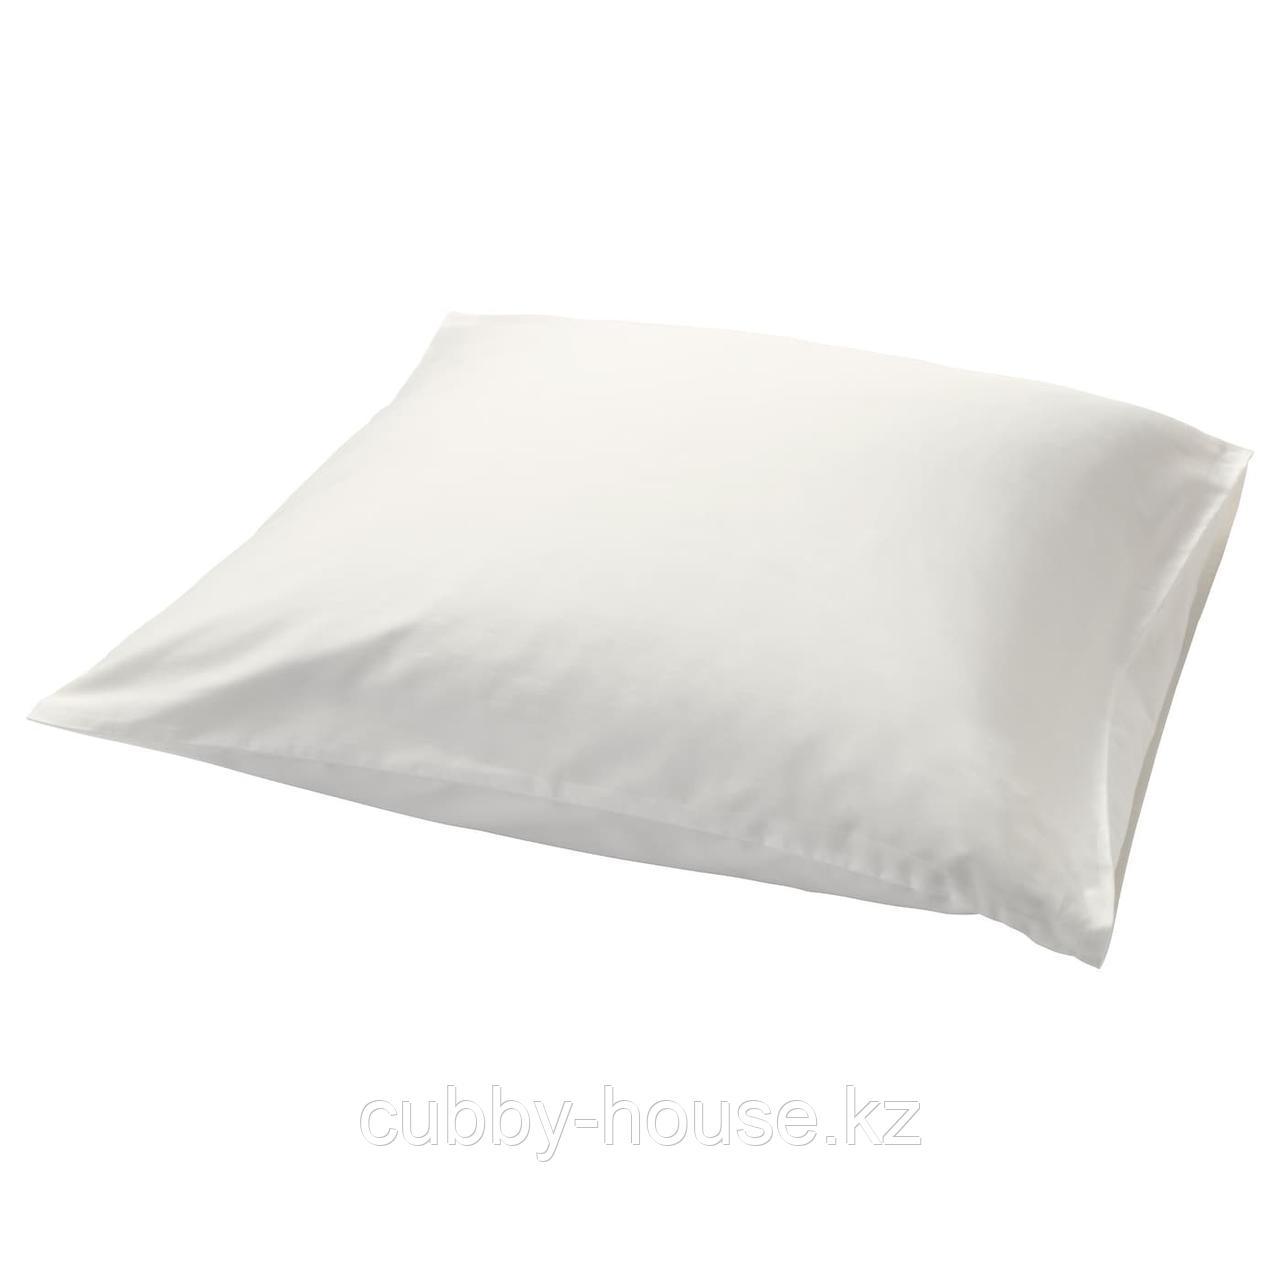 НАТТЭСМИН Наволочка, белый, 50x70 см